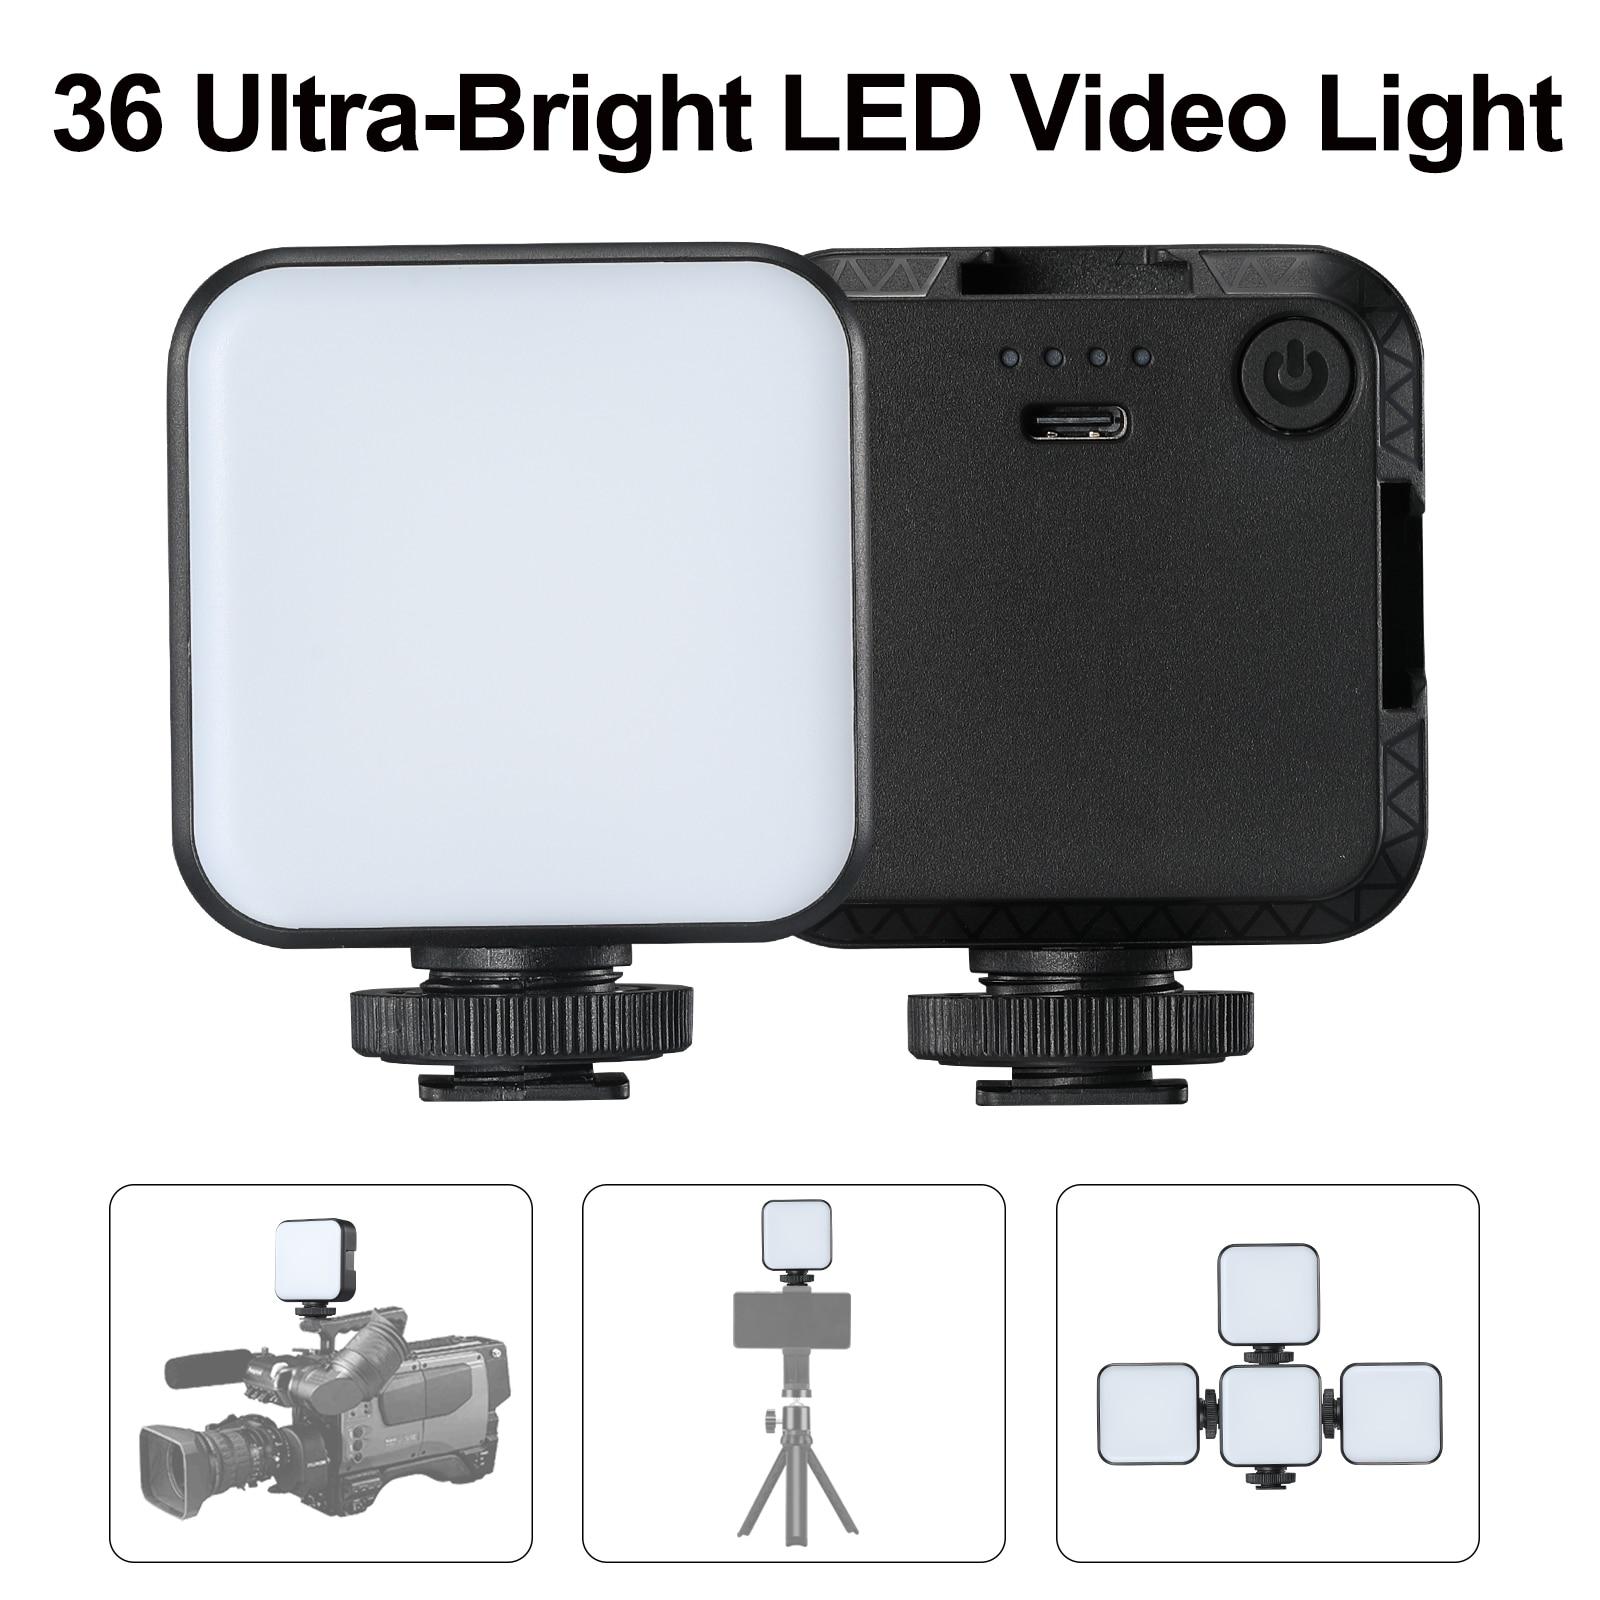 Приглушаемая мини-светодиодная лампа для видеосъемки, заполняющая лампа, адаптер крепления холодного башмака для камер Canon, Nikon, Sony, DSLR